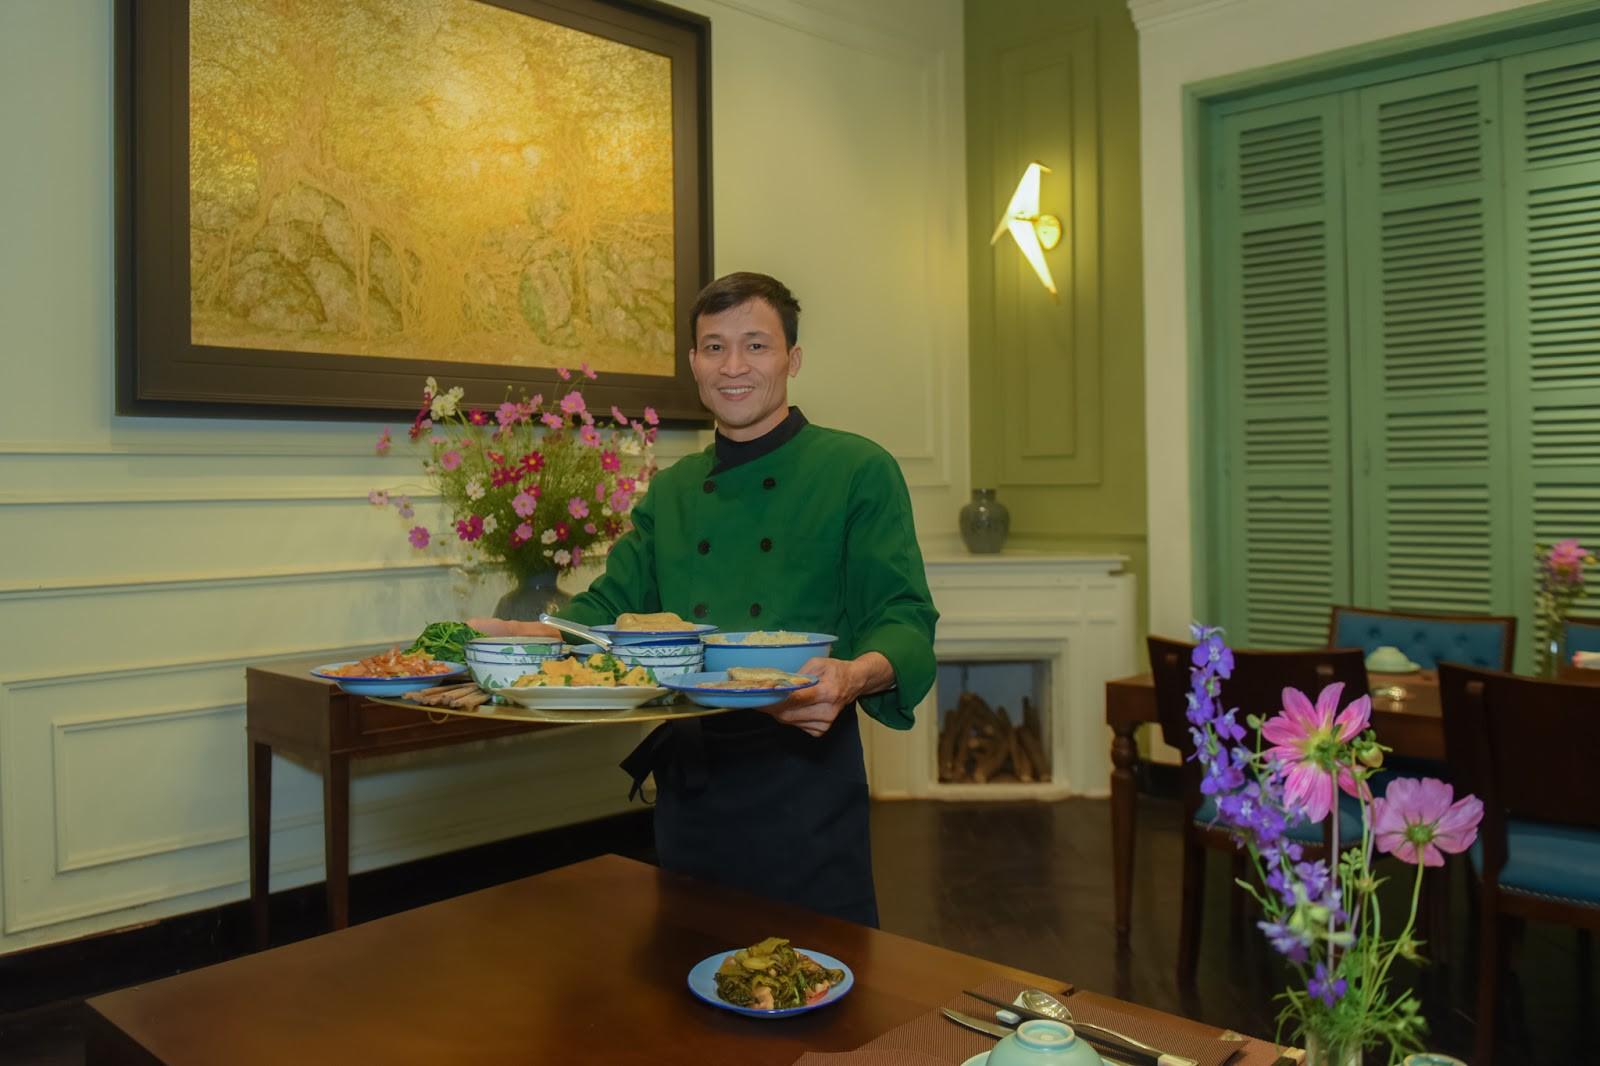 """Không chỉ món bao cấp, các đầu bếp """"Ký ức Hà Nội"""" còn có những món hiện đại cực ngon! - Ảnh 2."""